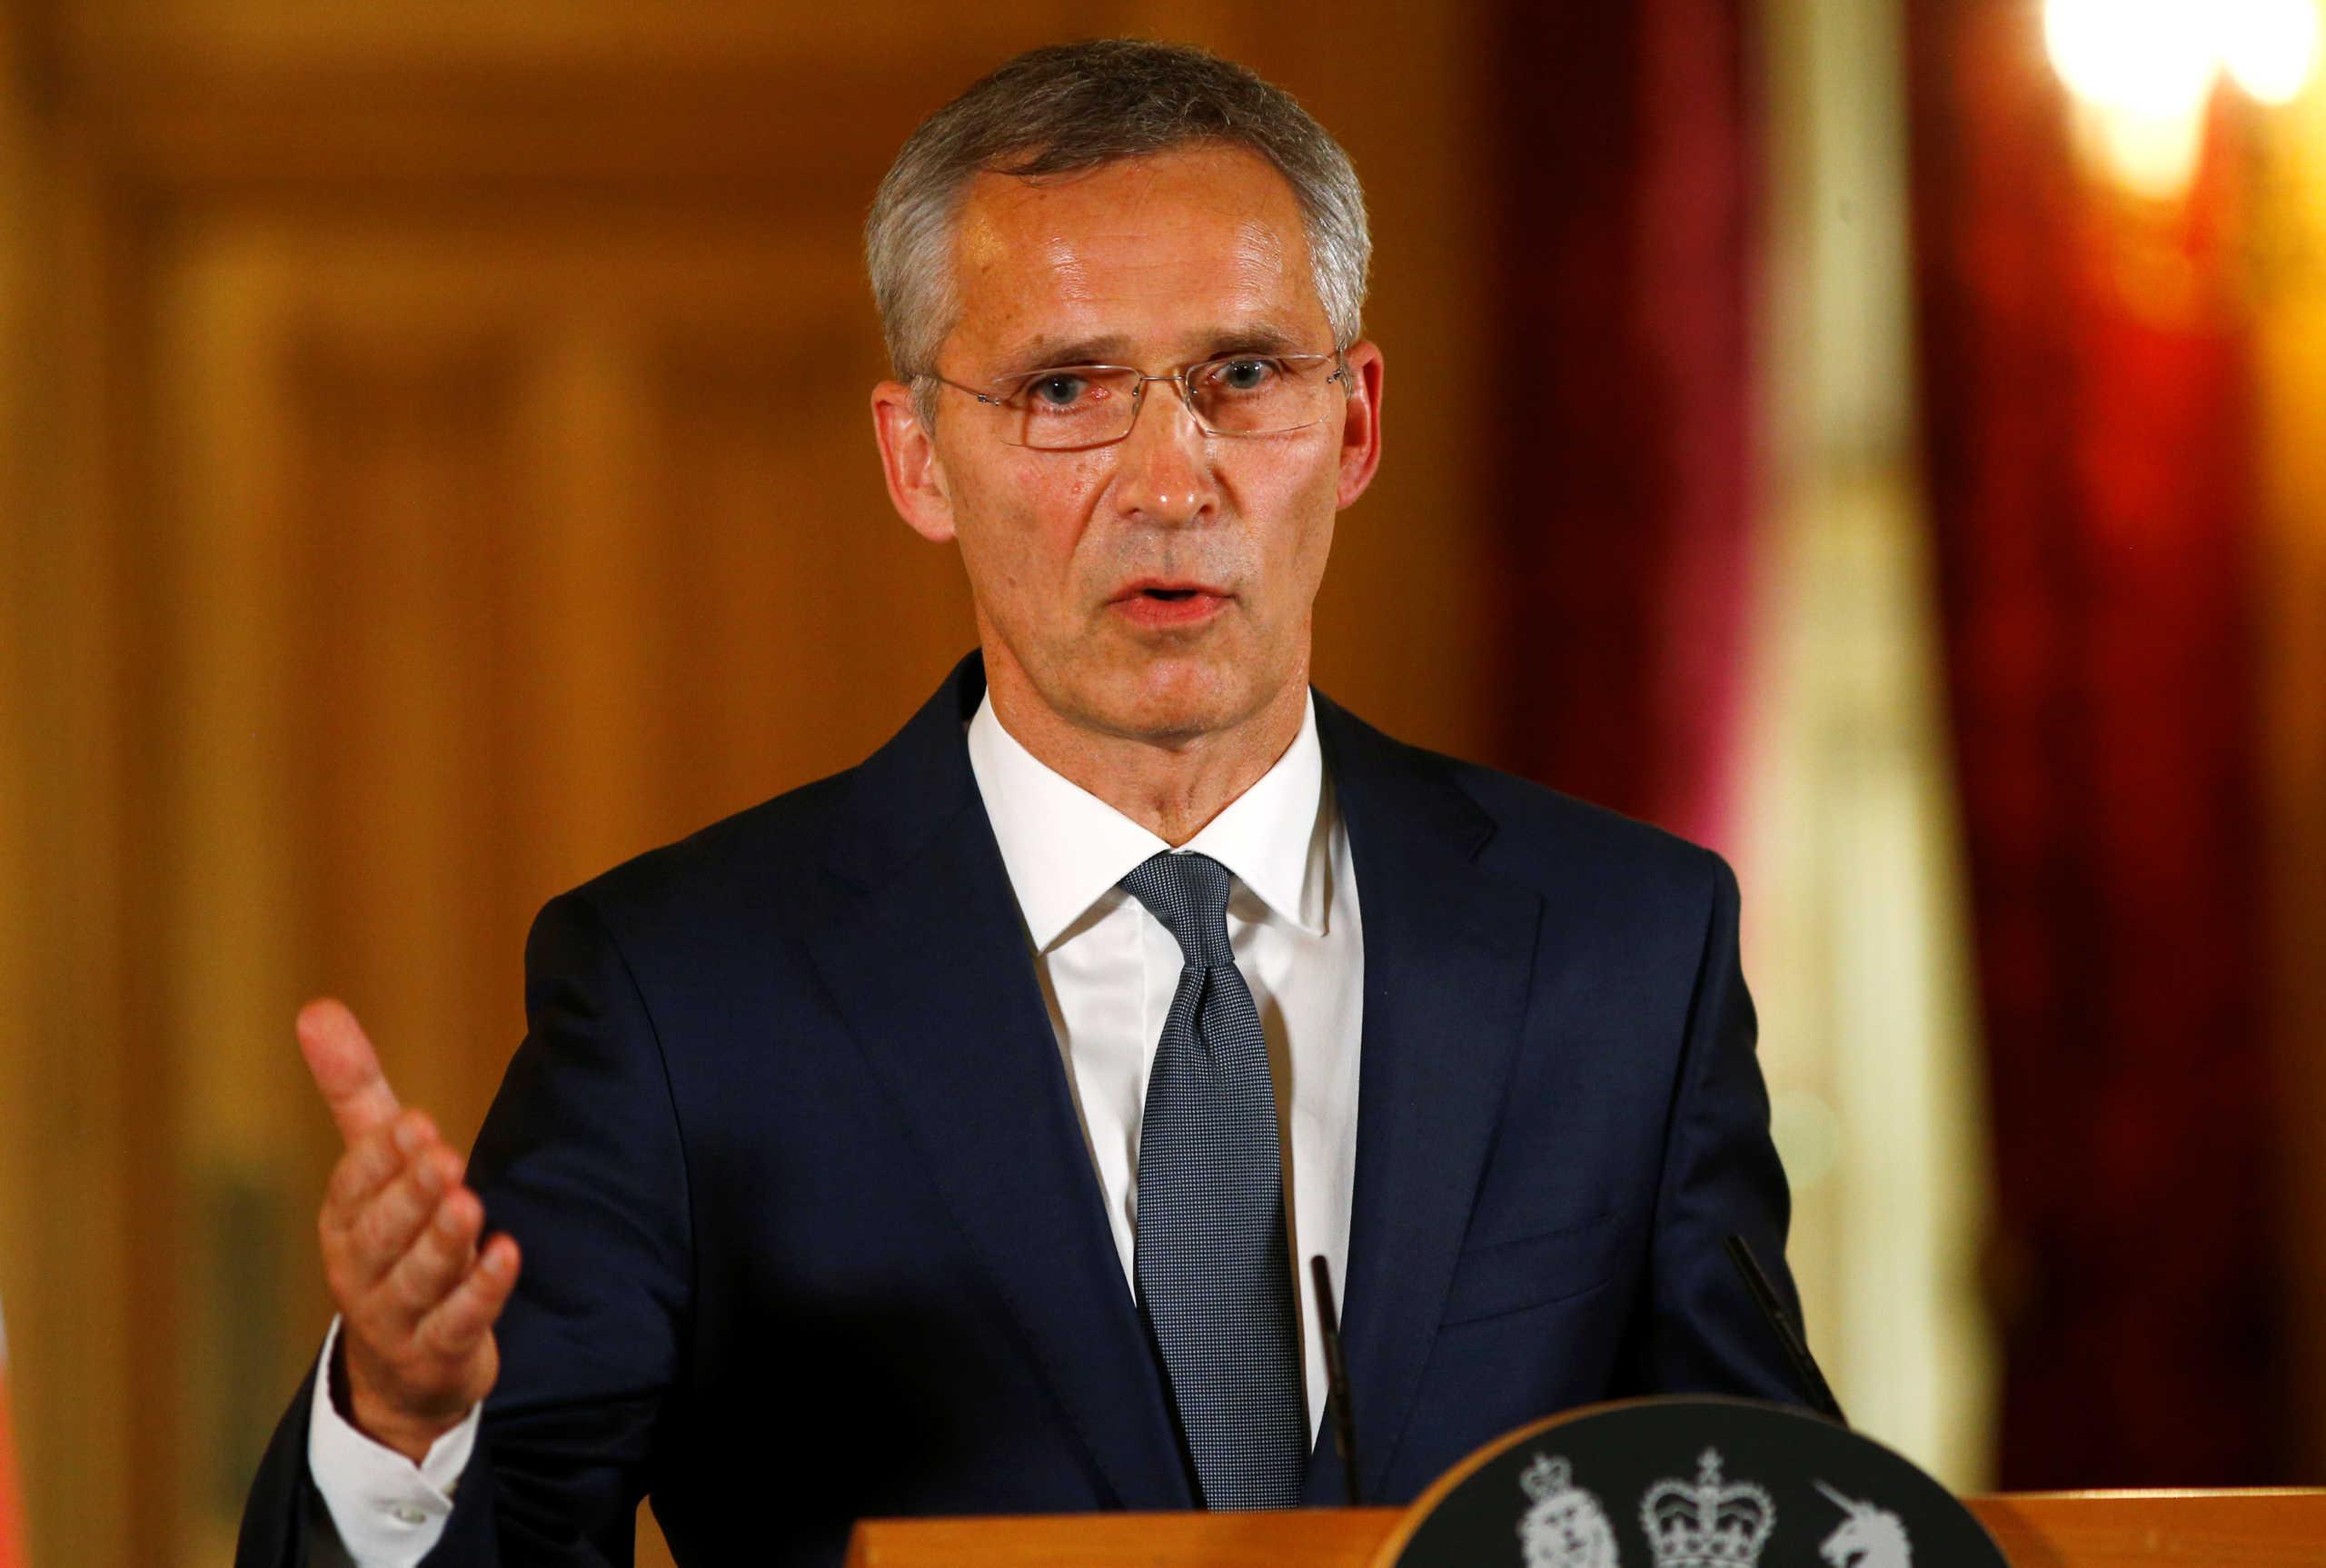 Στόλτενμπεργκ: Εξέφρασα τις ανησυχίες μου για την απόφαση της Τουρκίας να πάρει ρωσικούς S-400